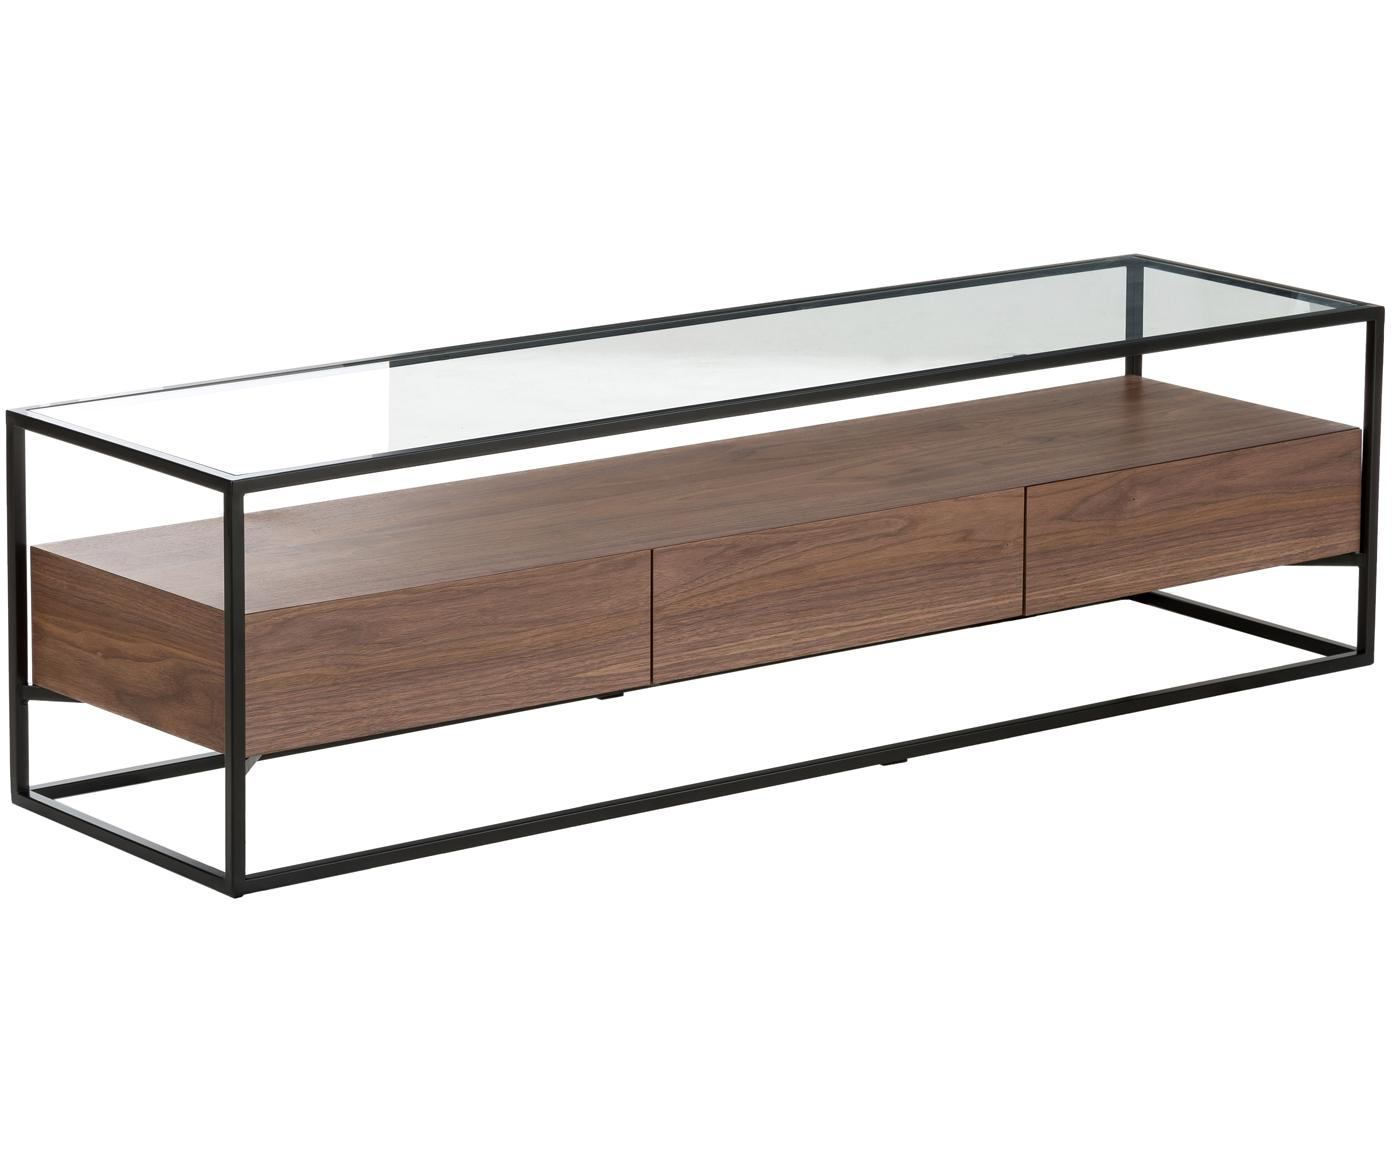 Mobile TV con piano in vetro Helix, Struttura: metallo verniciato a polv, Base e piano d'appoggio: vetro, Nero, marrone, Larg. 150 x Alt. 40 cm